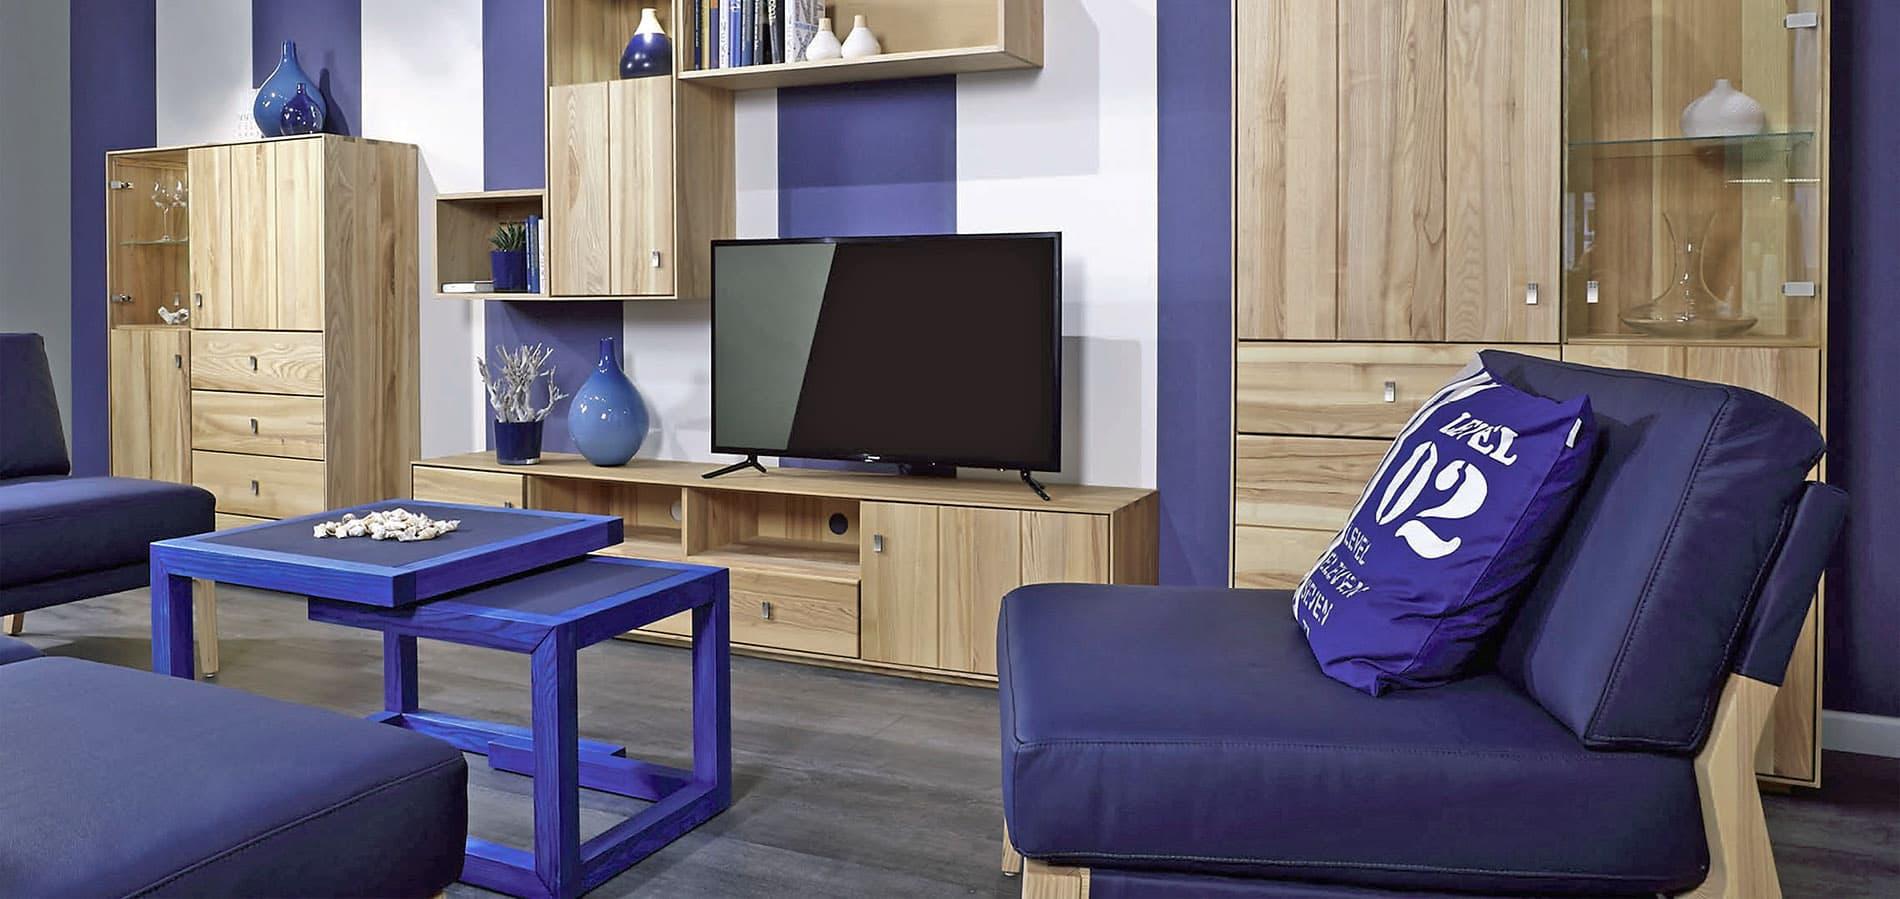 Ein Fertighaus Wohnzimmer eingerichtet in Lila Farben